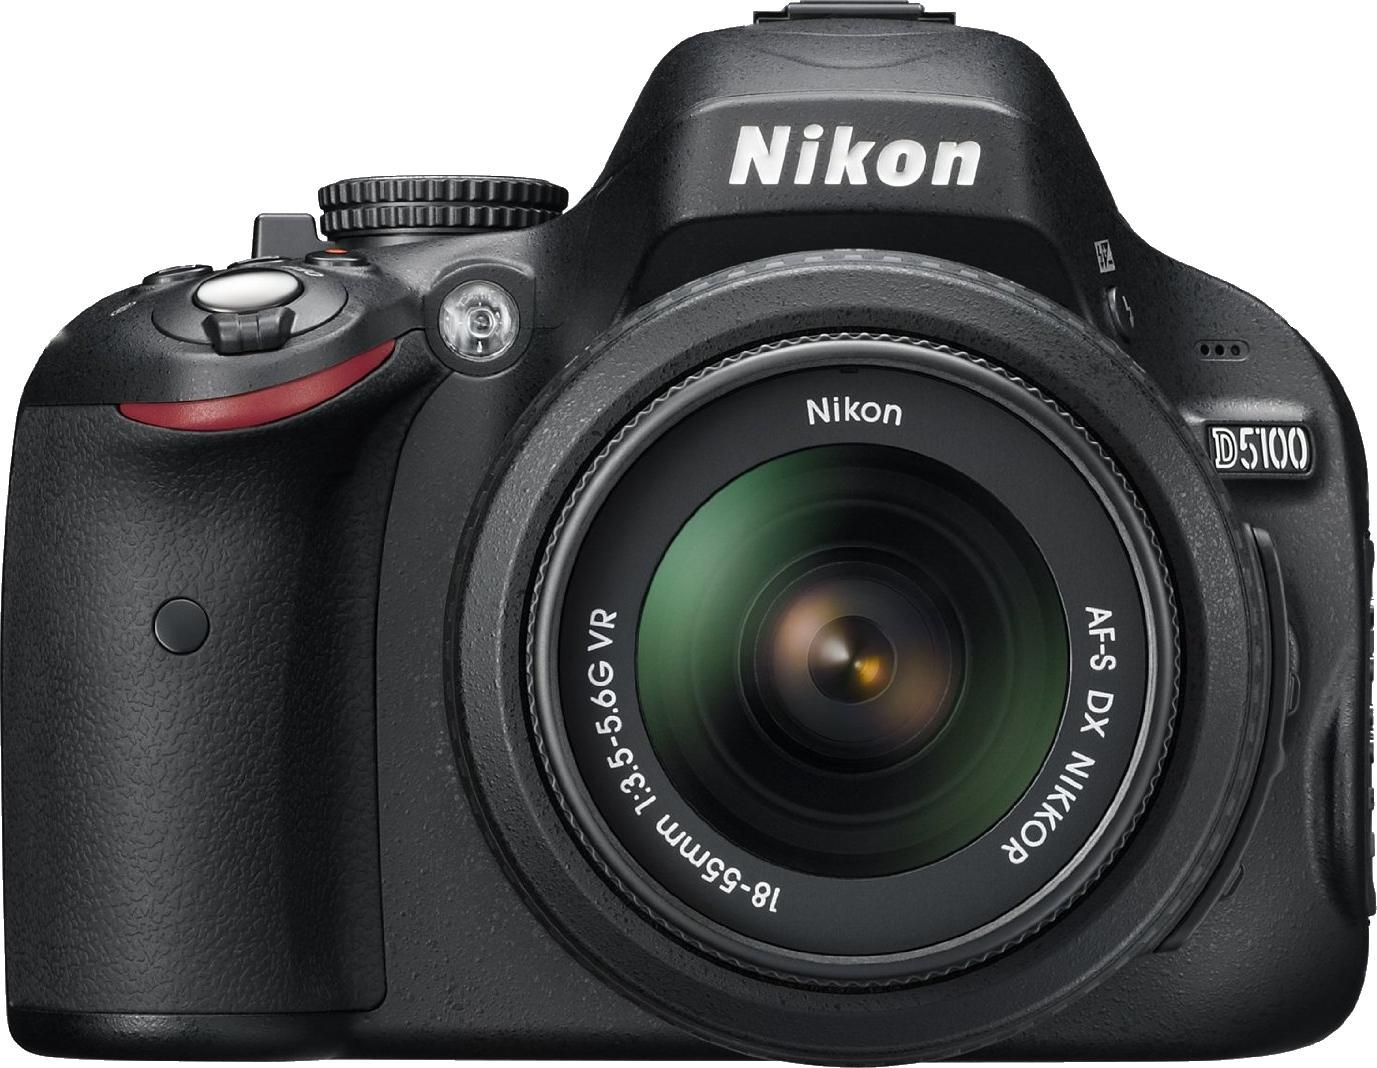 Nikon D5100 + Nikkor AF-S DX 18-55mm f/3.5-5.6G VR